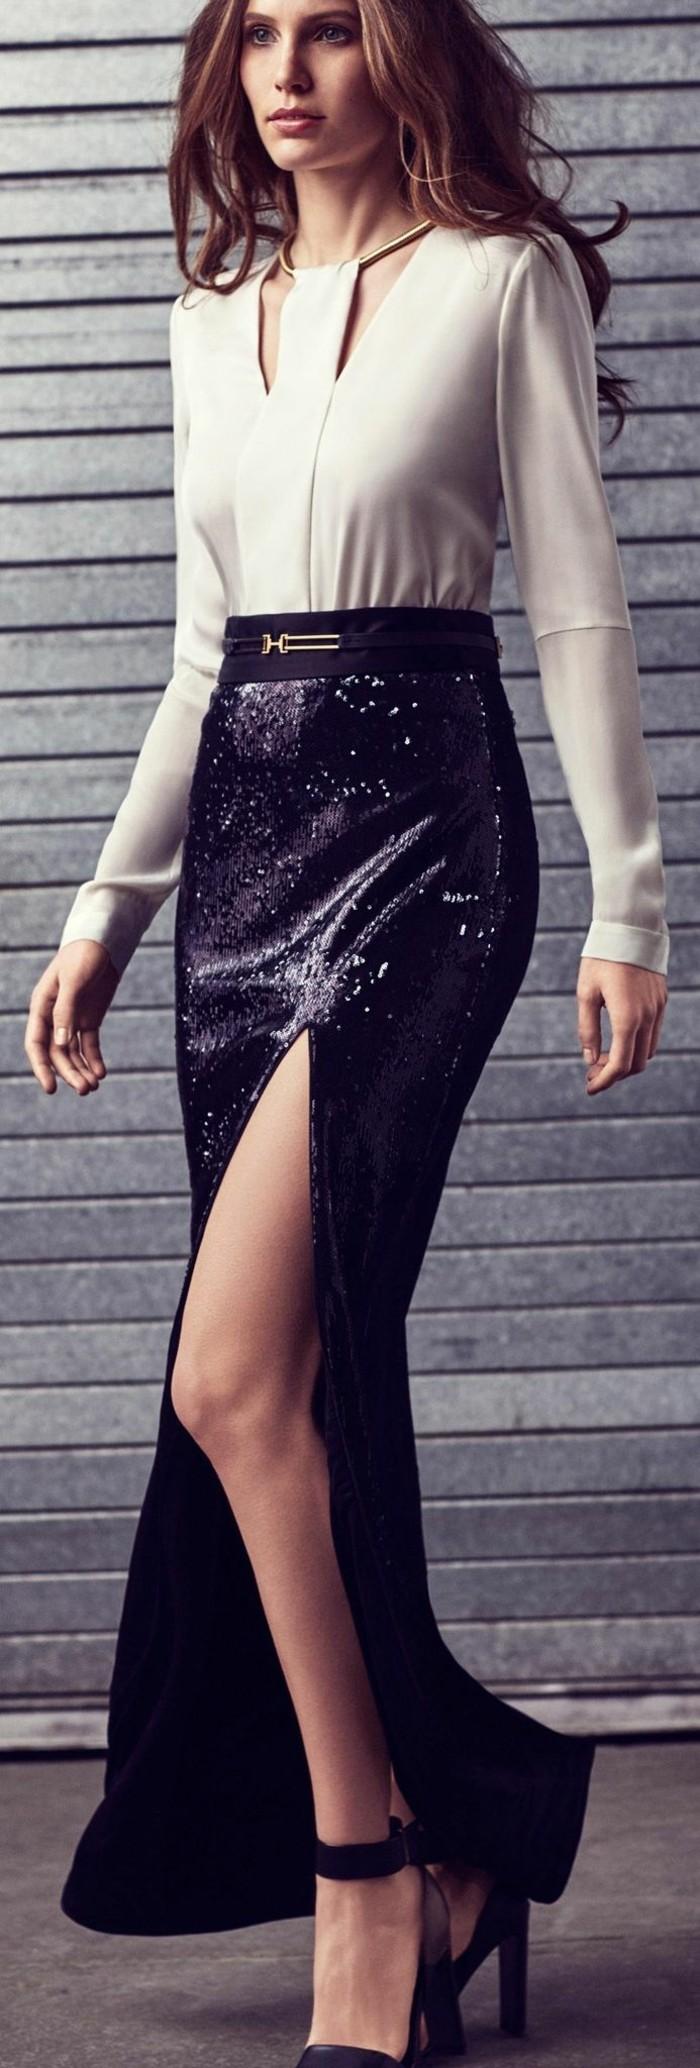 cool-idée-quoi-porter-jupe-longue-noire-belle-en-noir-et-blanc